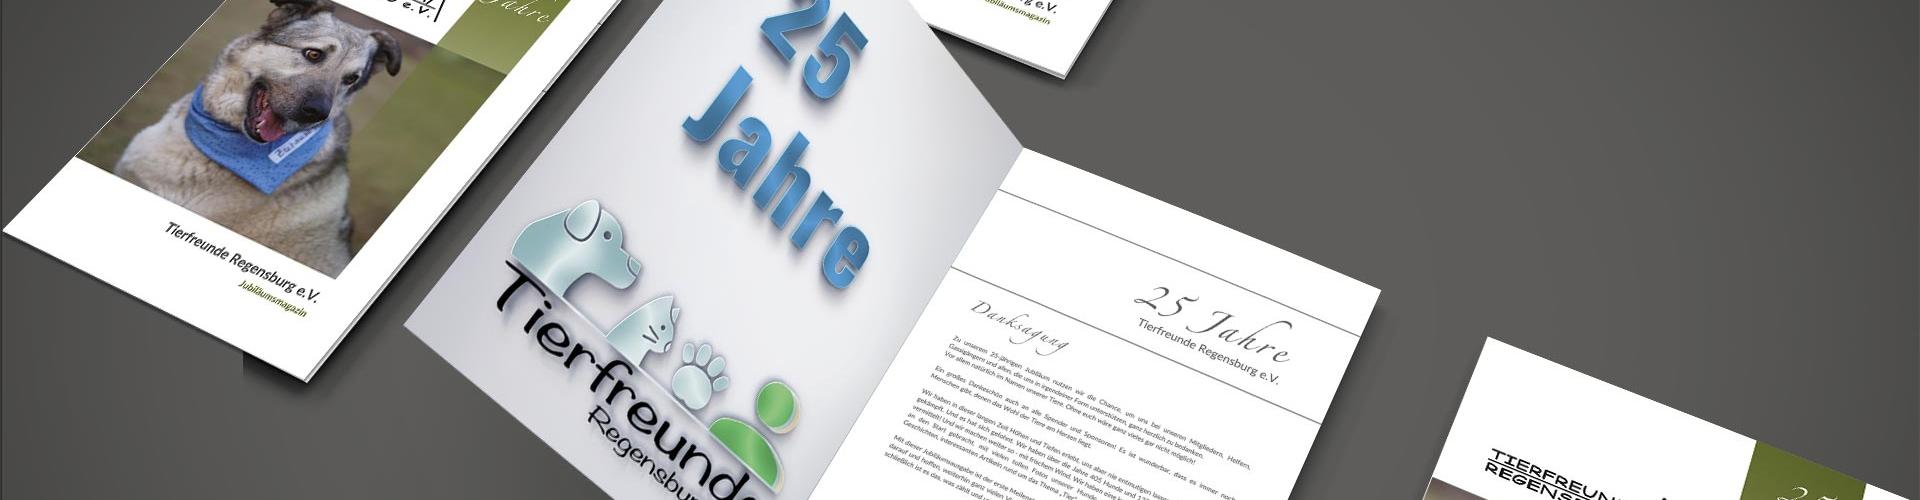 Jubiläumsmagazin Header by Christian Santos